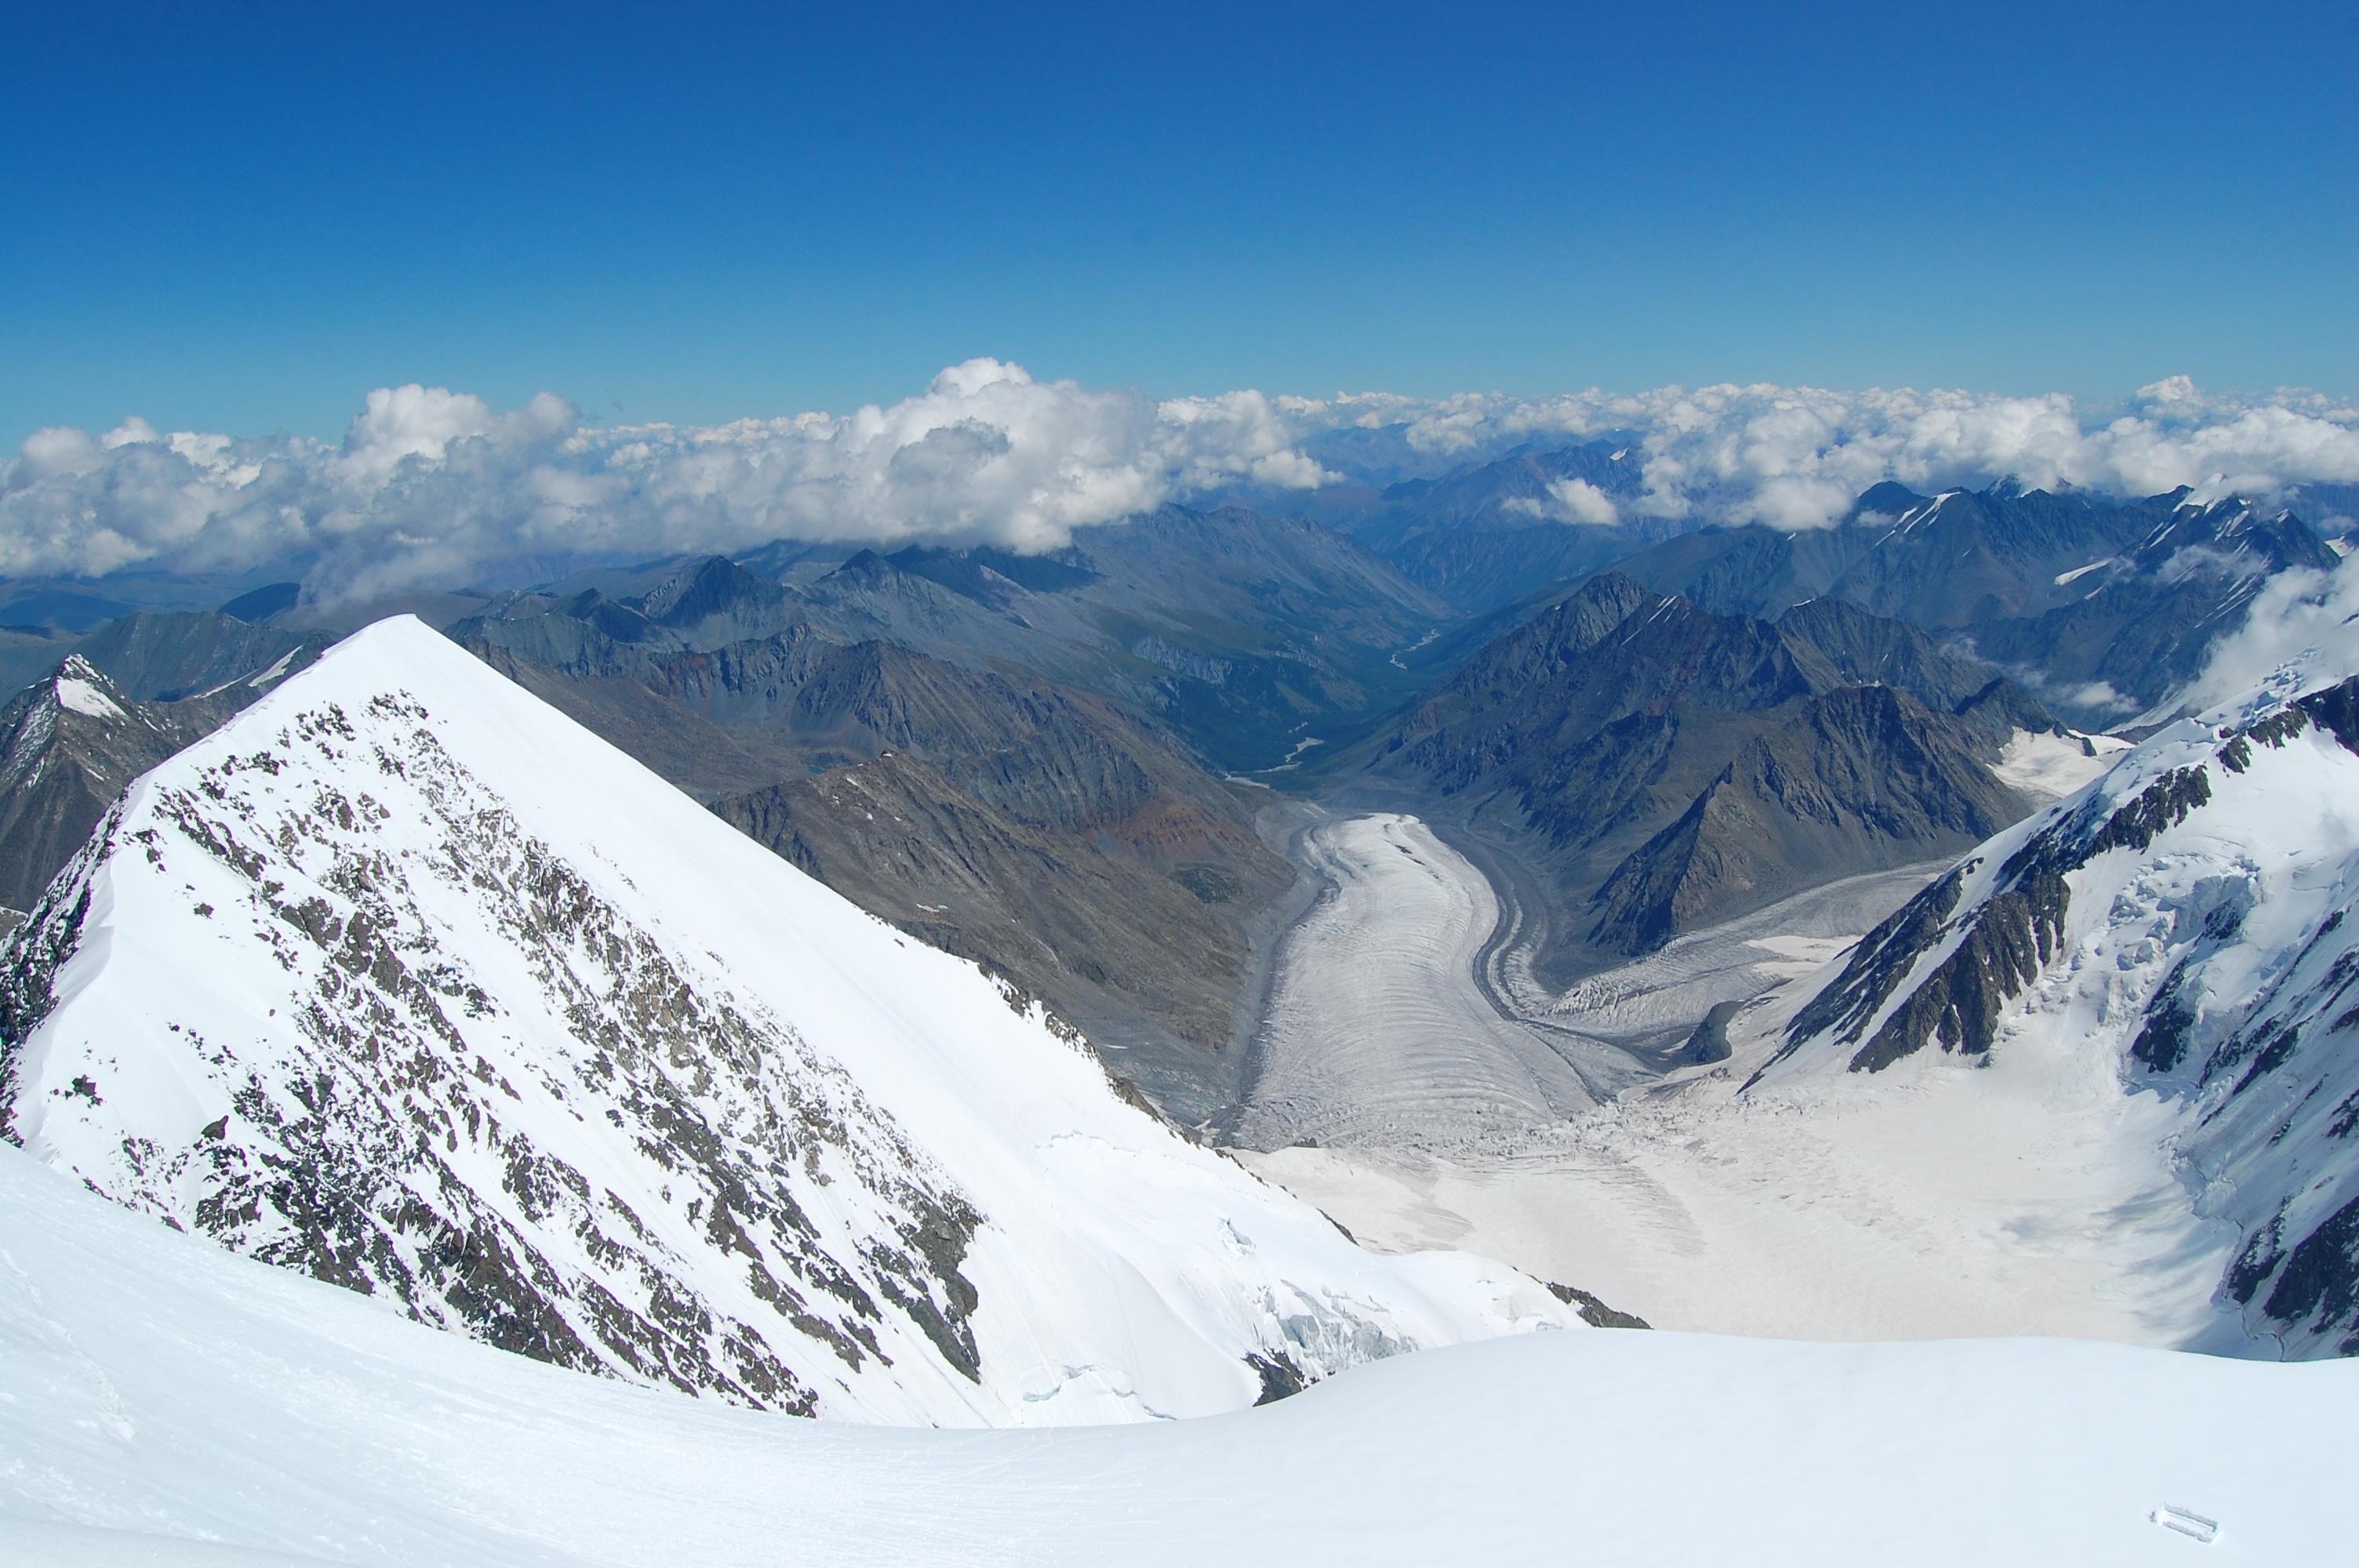 ледник Менсу и долтна едыгем